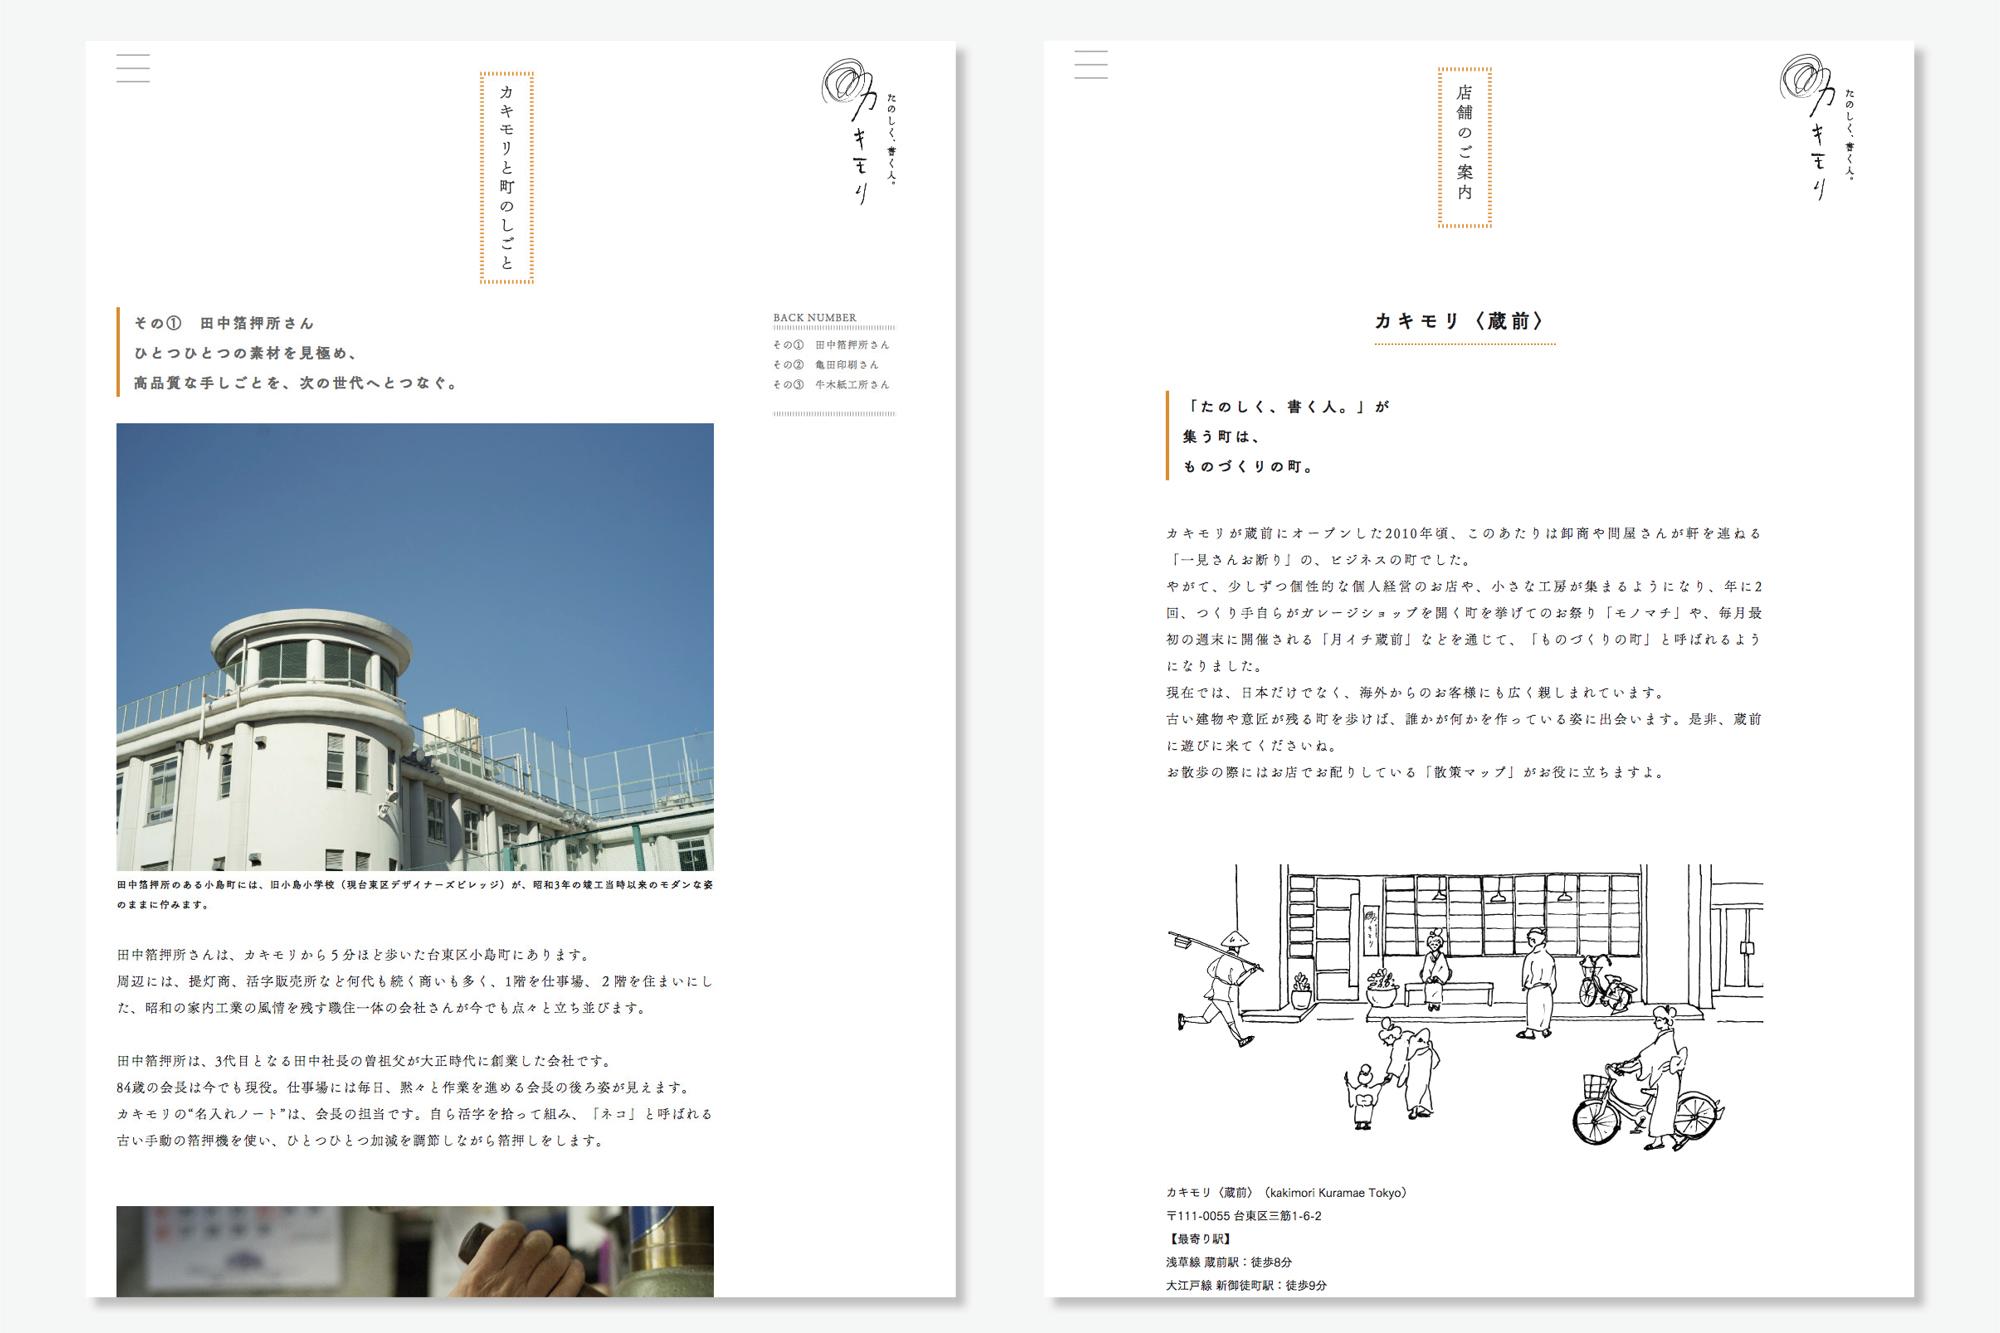 カキモリ コンテンツデザイン 3